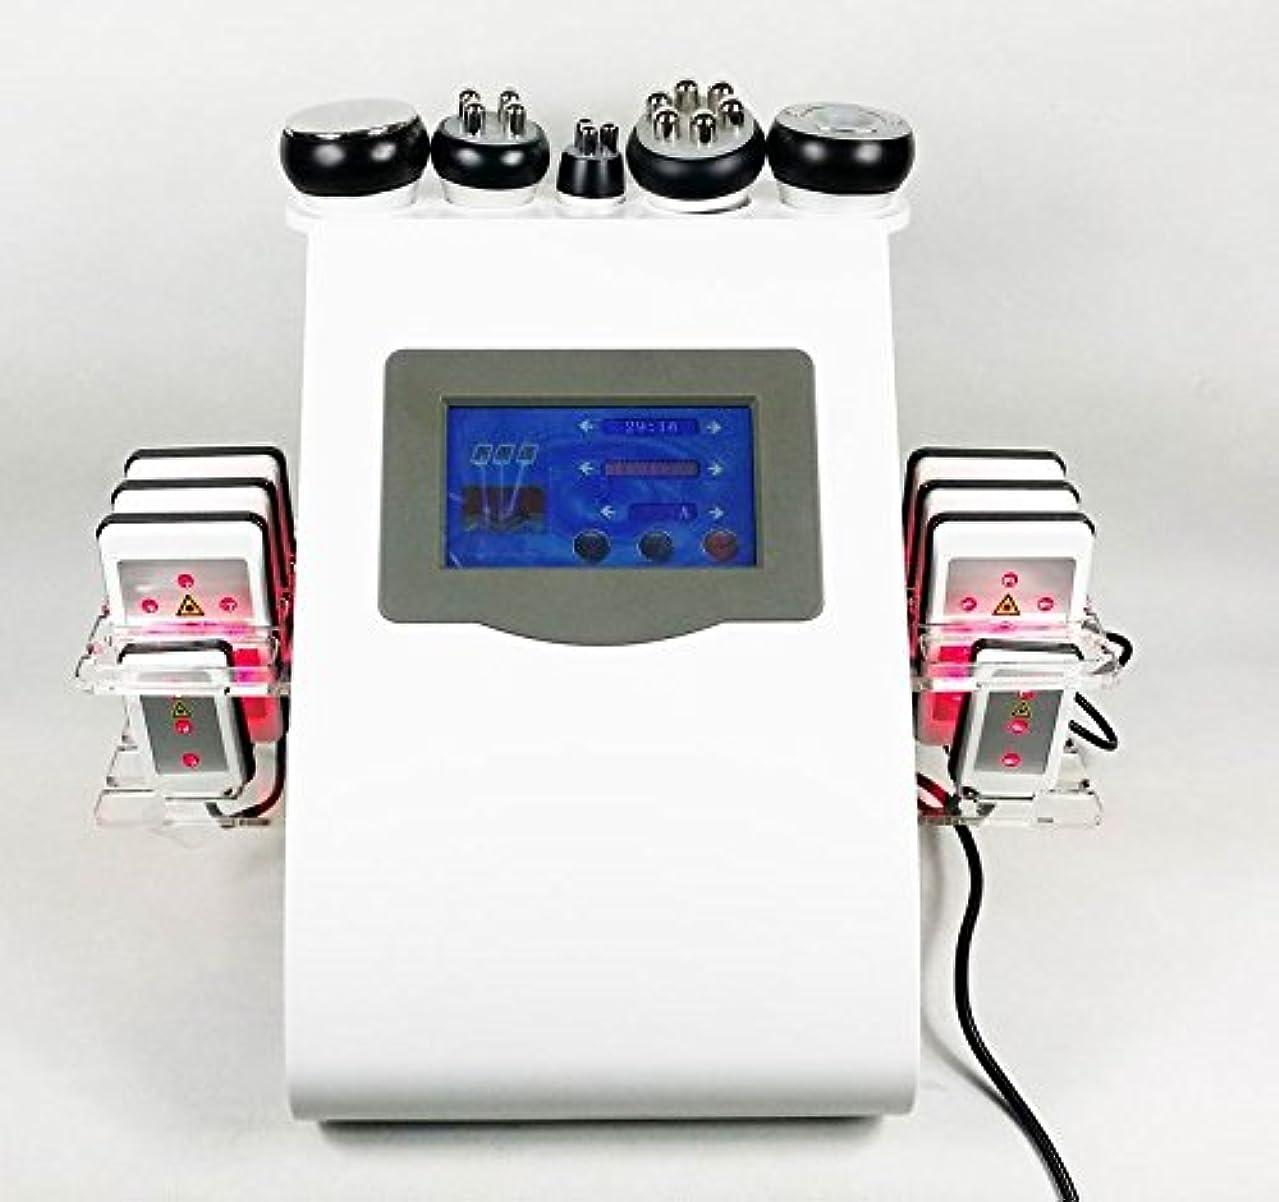 ちっちゃい遊びます電池シルクナイフリポ 業務用複合機40KHZキャビテーション+ラジオ波+リポレーザー